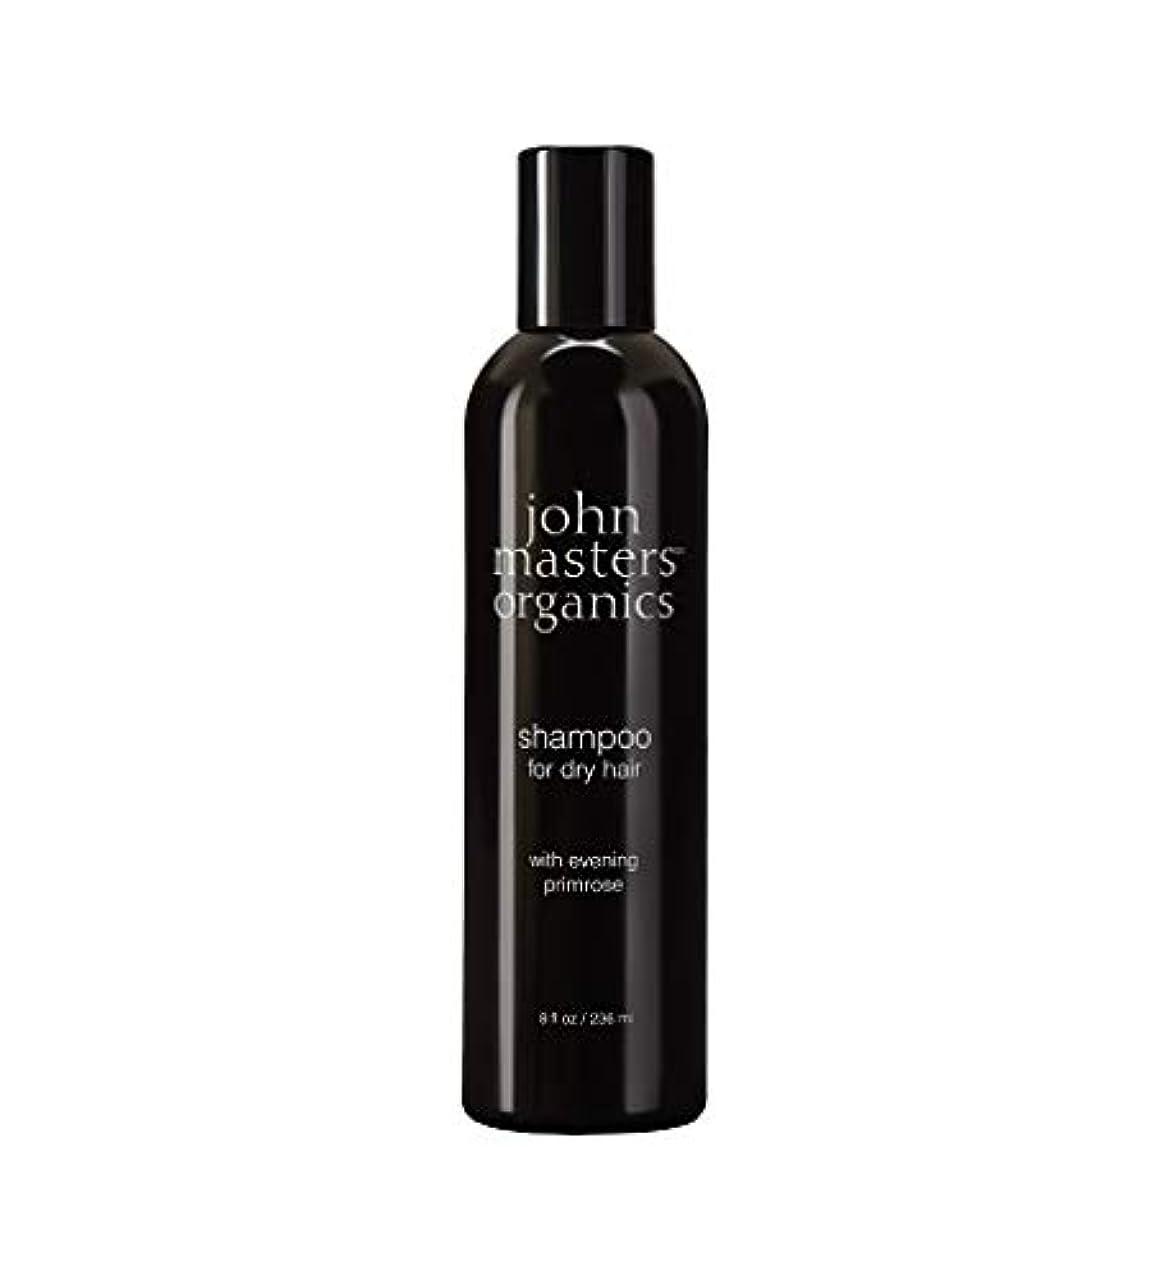 セラフ意図統合するジョンマスターオーガニック john masters organic イブニングPシャンプー(イブニングプリムローズ) 236ml hs